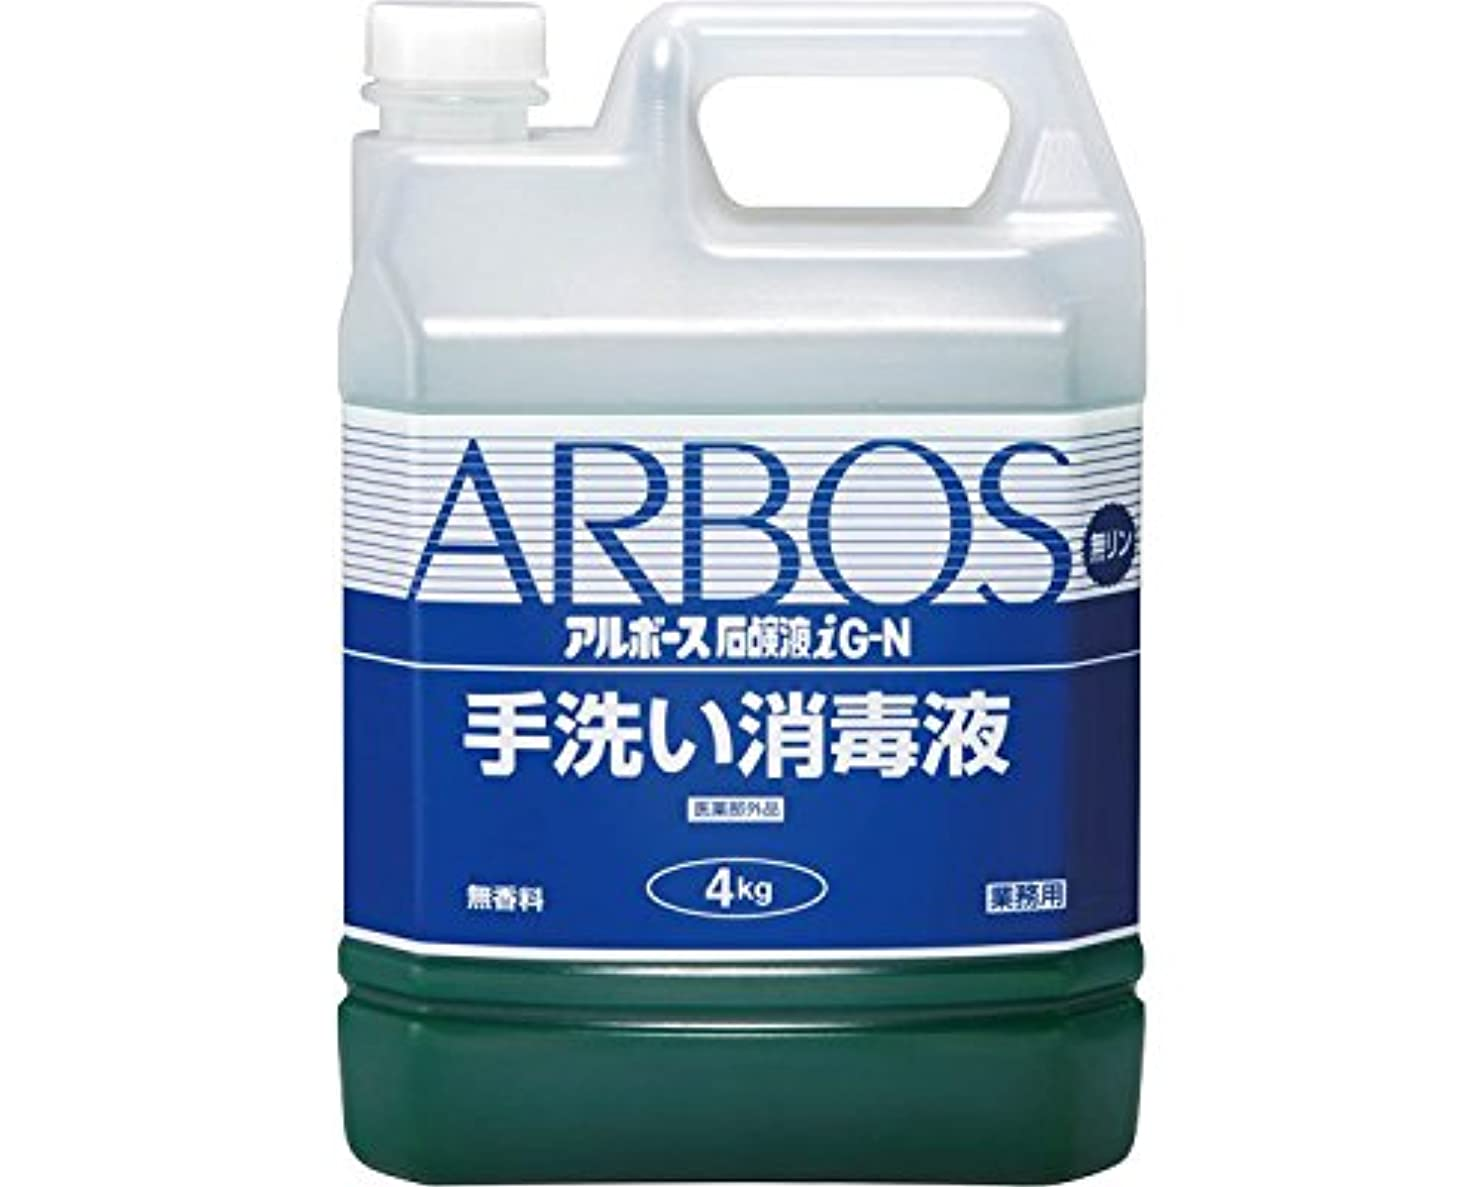 ゴシップお誕生日キャッチアルボース石鹸液i GN 4kg 1ケース(4本入り) (アルボース)